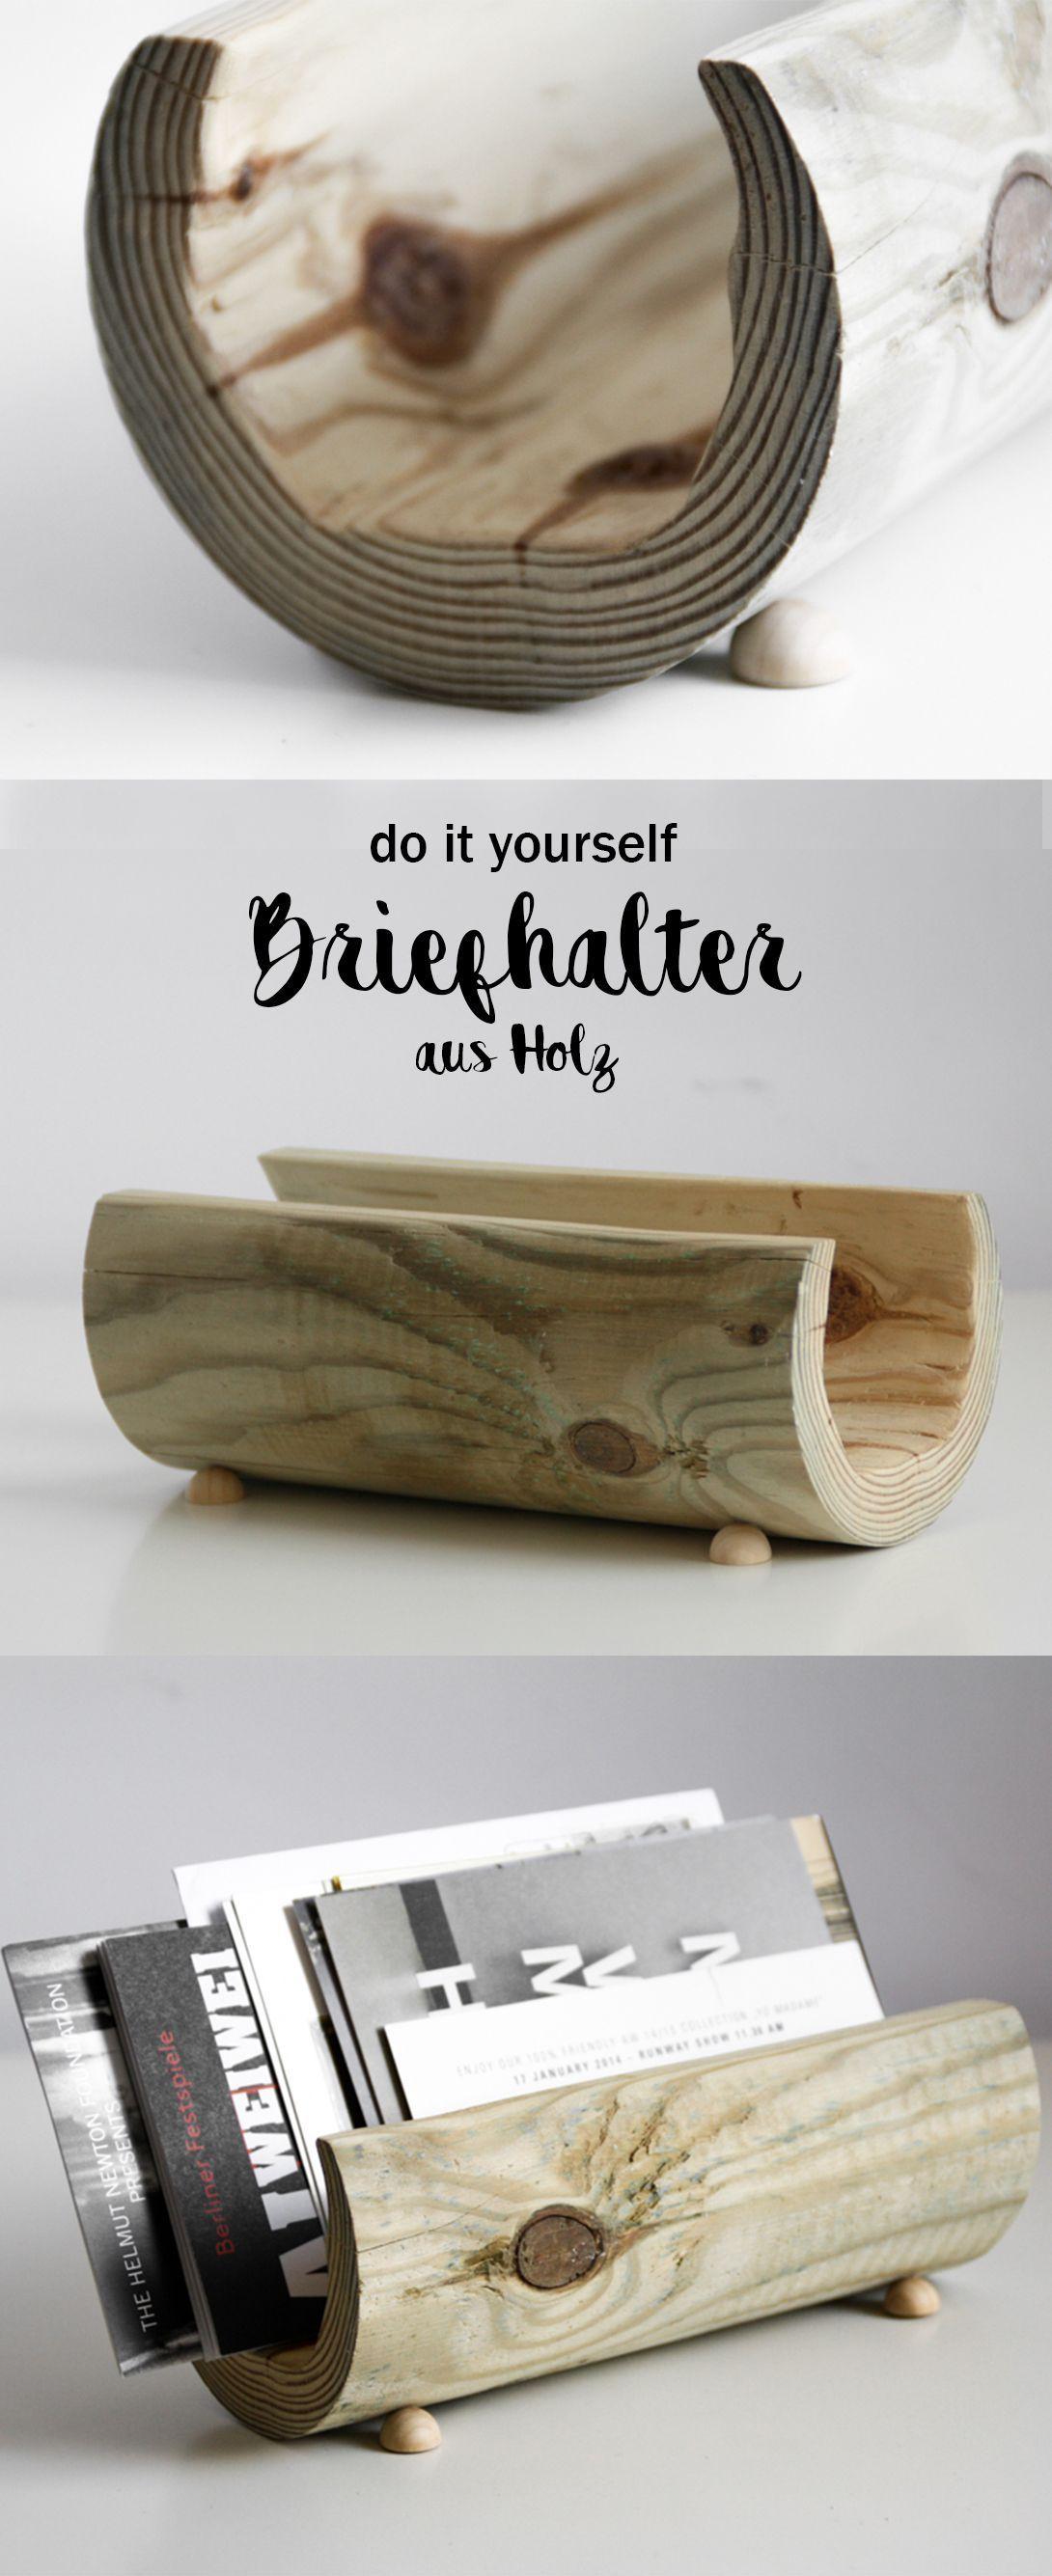 Diy briefhalter aus holz holzpfahl handwerk schreibtisch diy briefhalter aus holz holzpfahl handwerk schreibtisch organisation natrlich wood desk solutioingenieria Choice Image